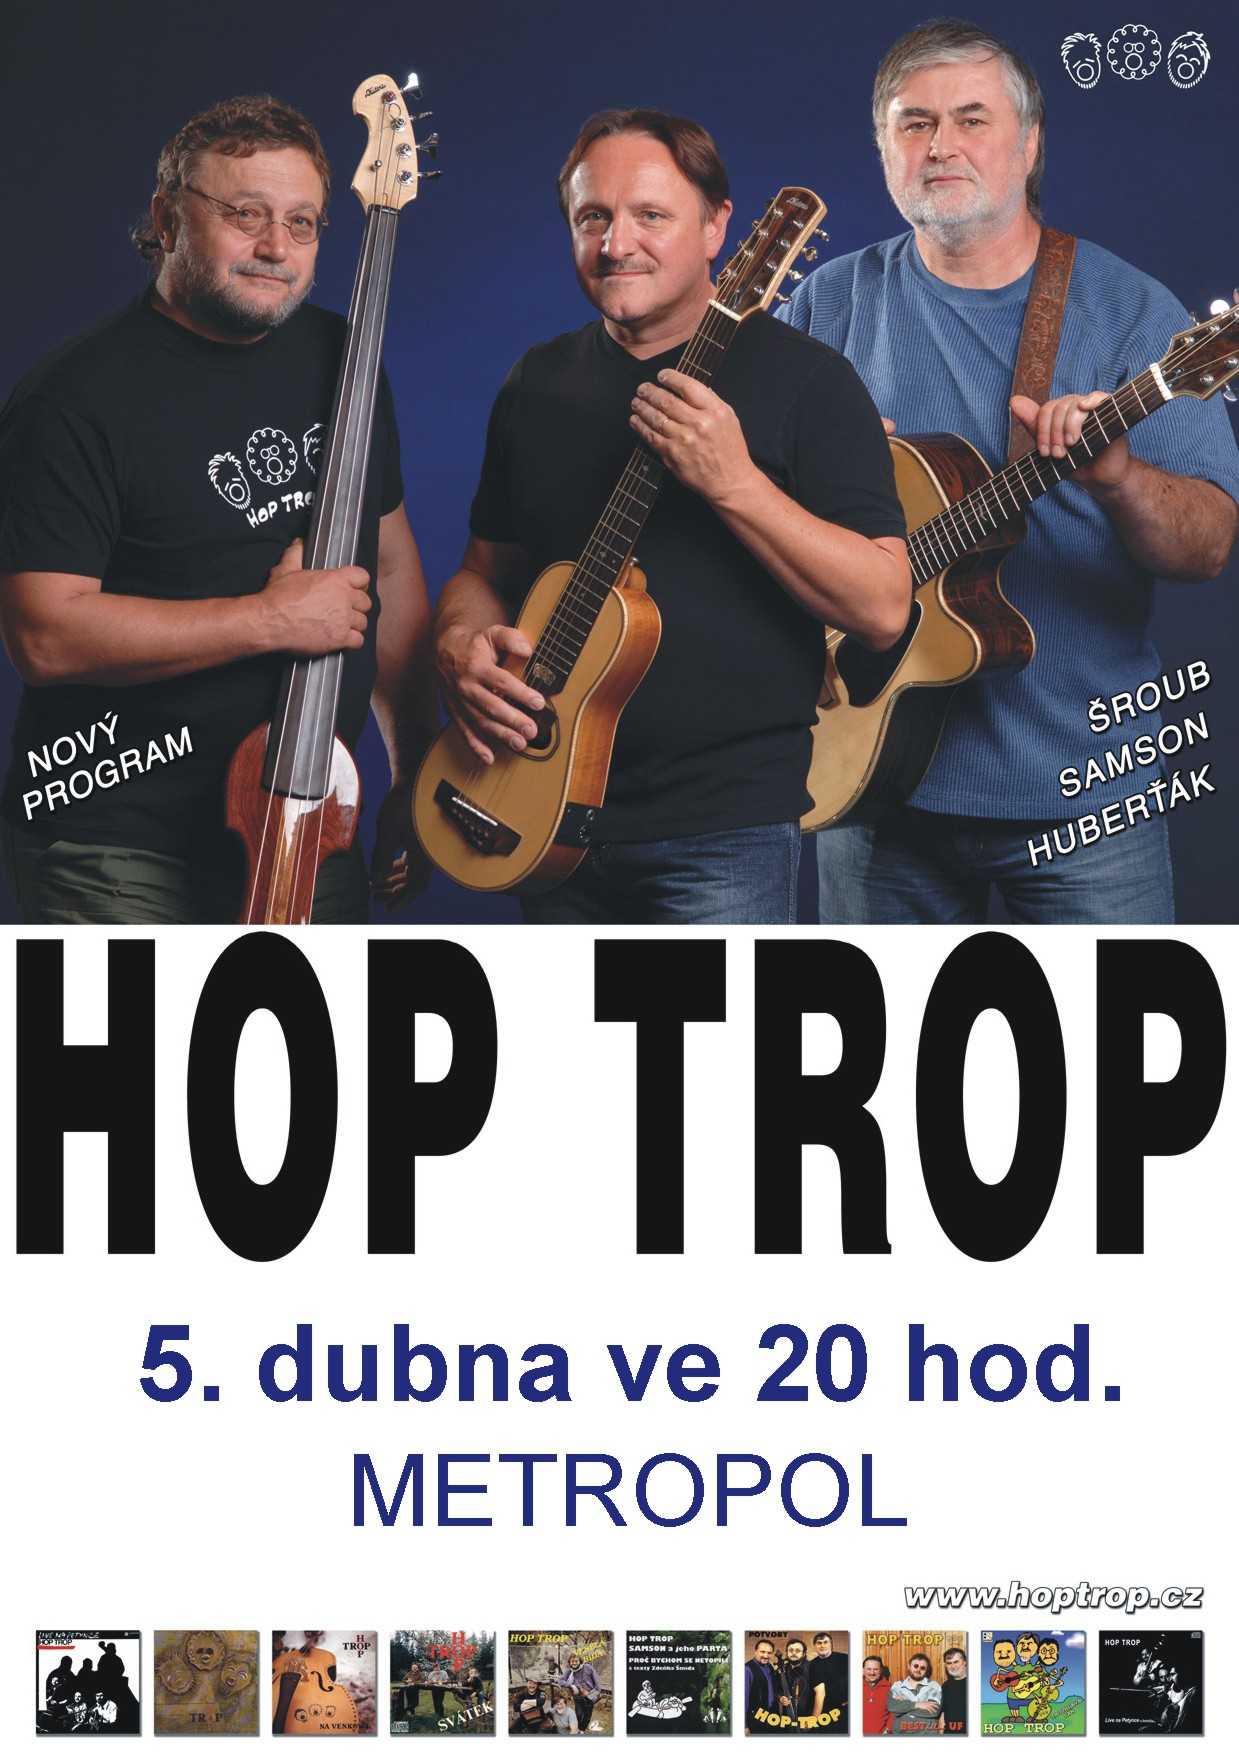 Hop Trop & Samson Lenk České Budějovice